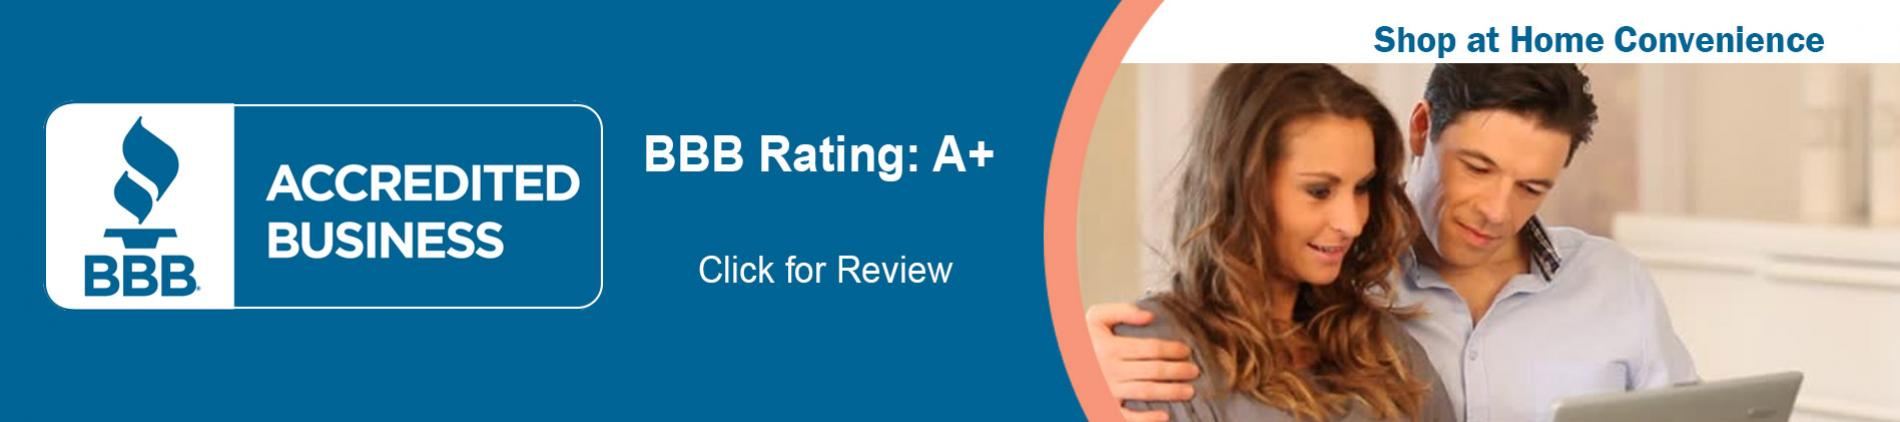 Better business bureau,business, rating